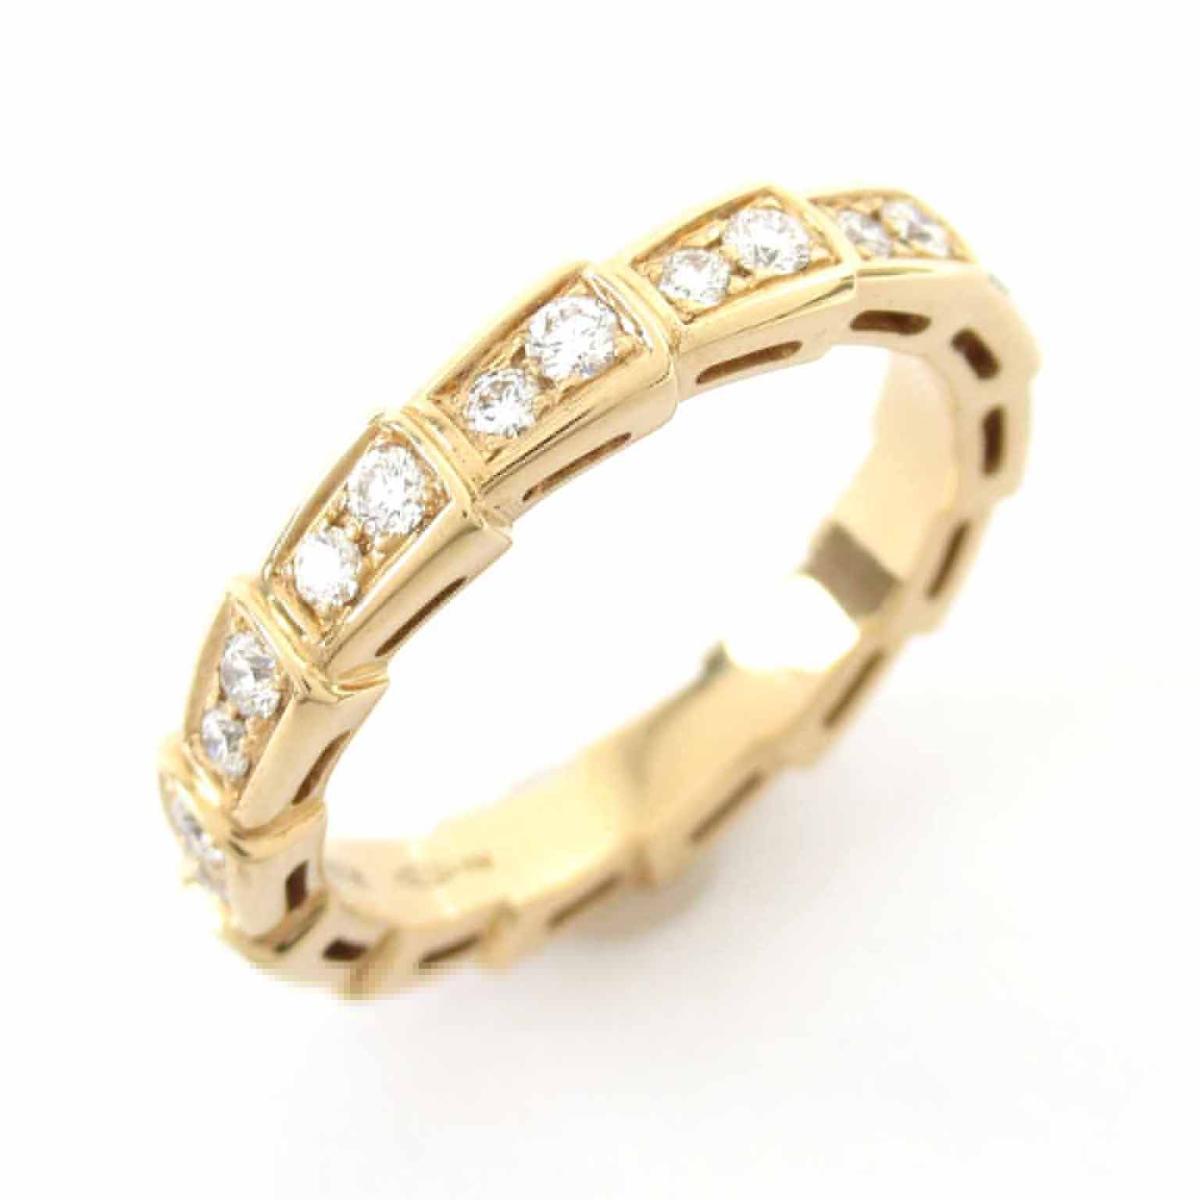 【中古】 ブルガリ セルペンティリング 指輪 レディース K18PG (750) ピンクゴールド x ダイヤモンド   BVLGARI BRANDOFF ブランドオフ ブランド ジュエリー アクセサリー リング